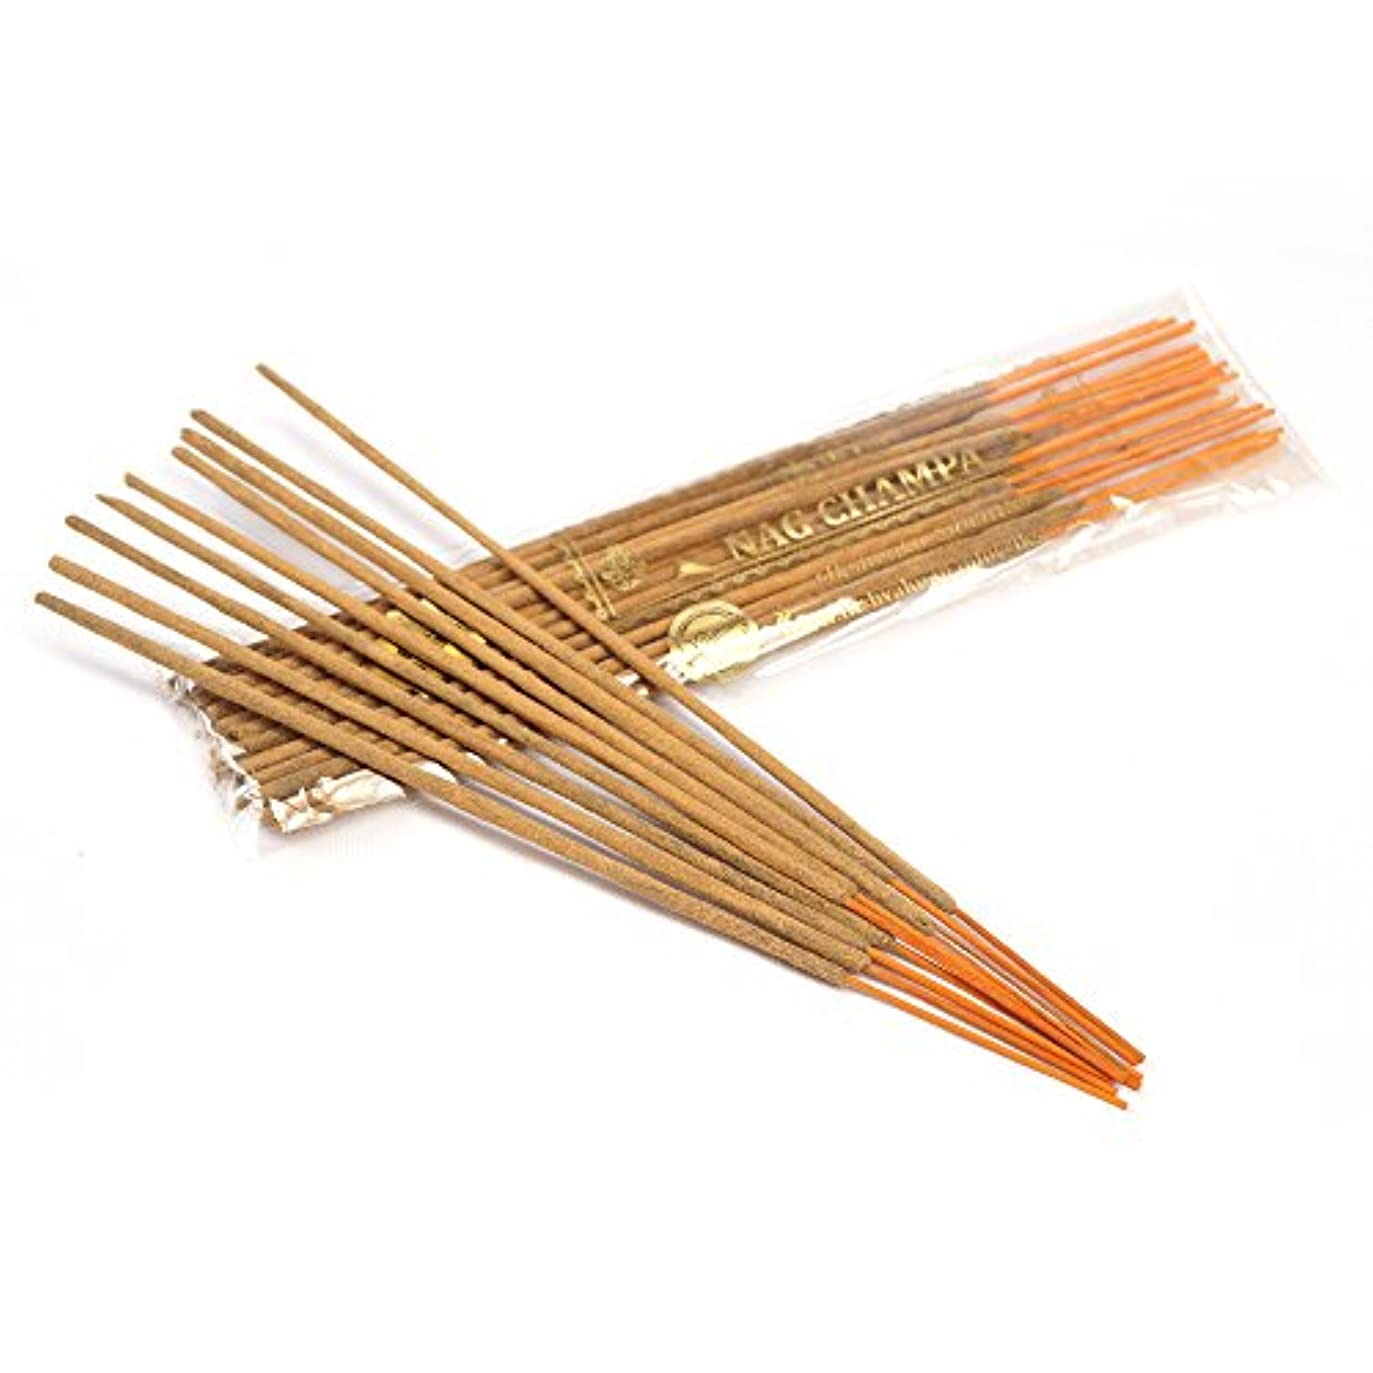 アライメント鉛壊すNag Champa Incense Sticks 250